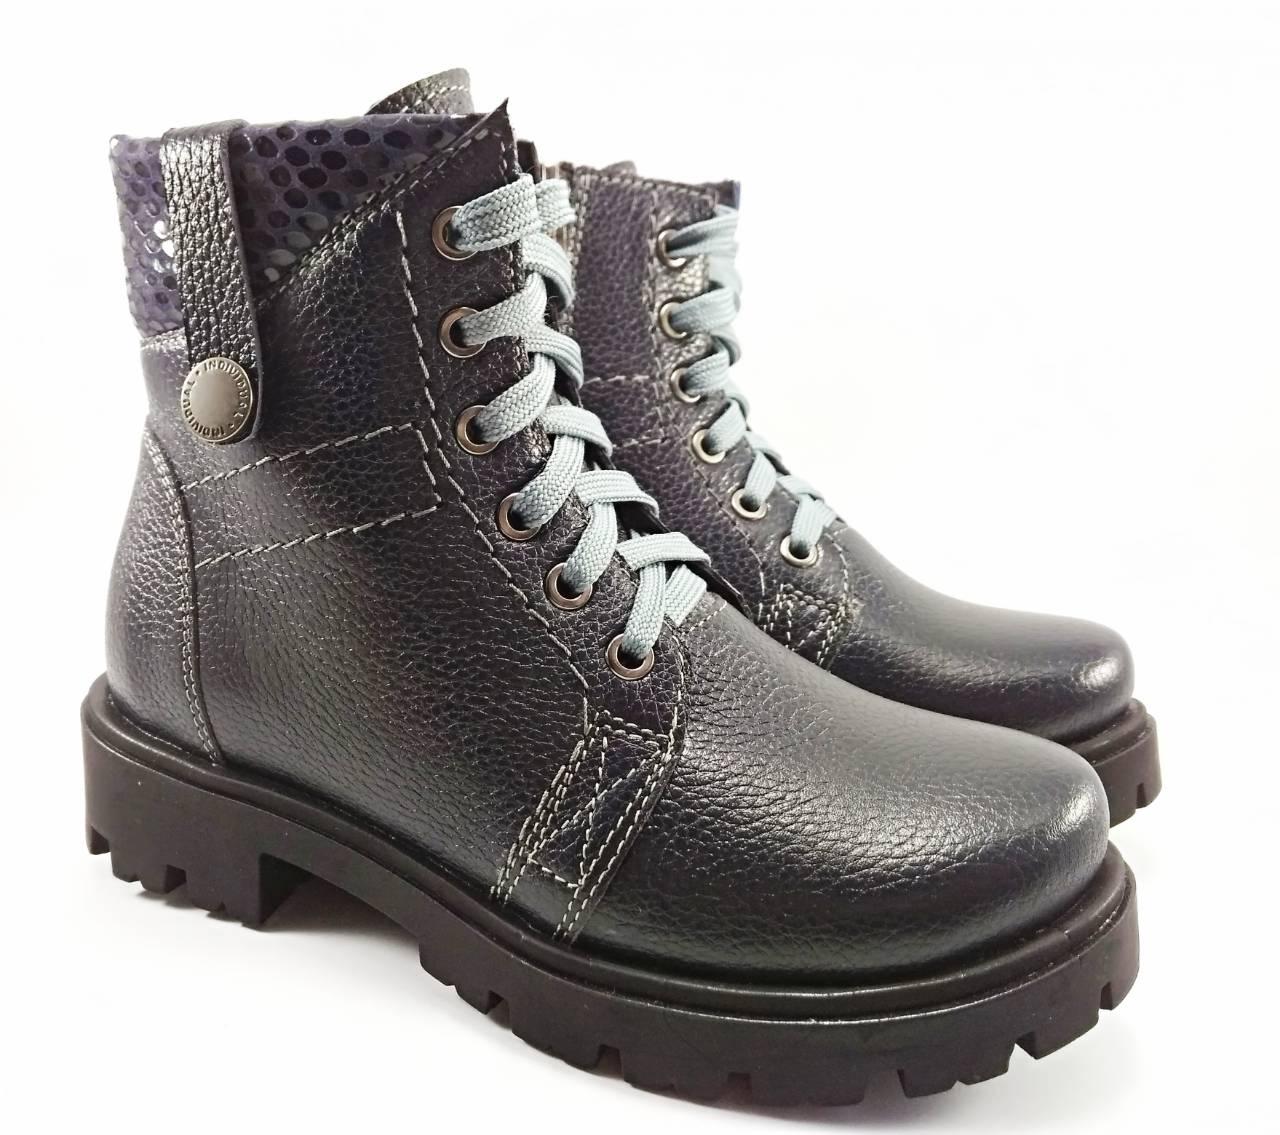 Взуття на сезон  Черевики шкіряні зимові темно-сині ТМ Stefano 30-38 23dc42fc35461